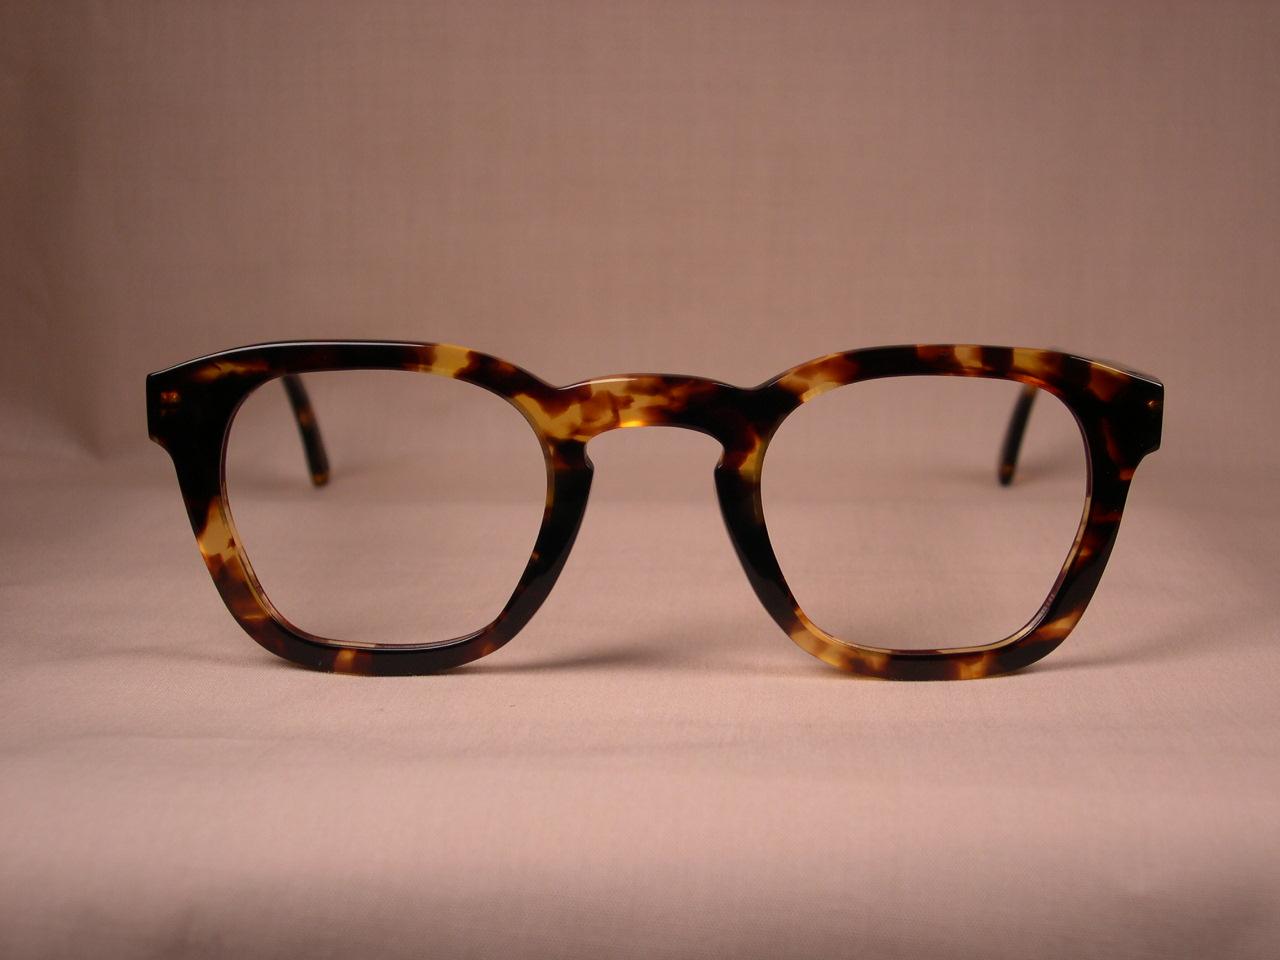 Indivijual-Custom-Glasses-41.jpg